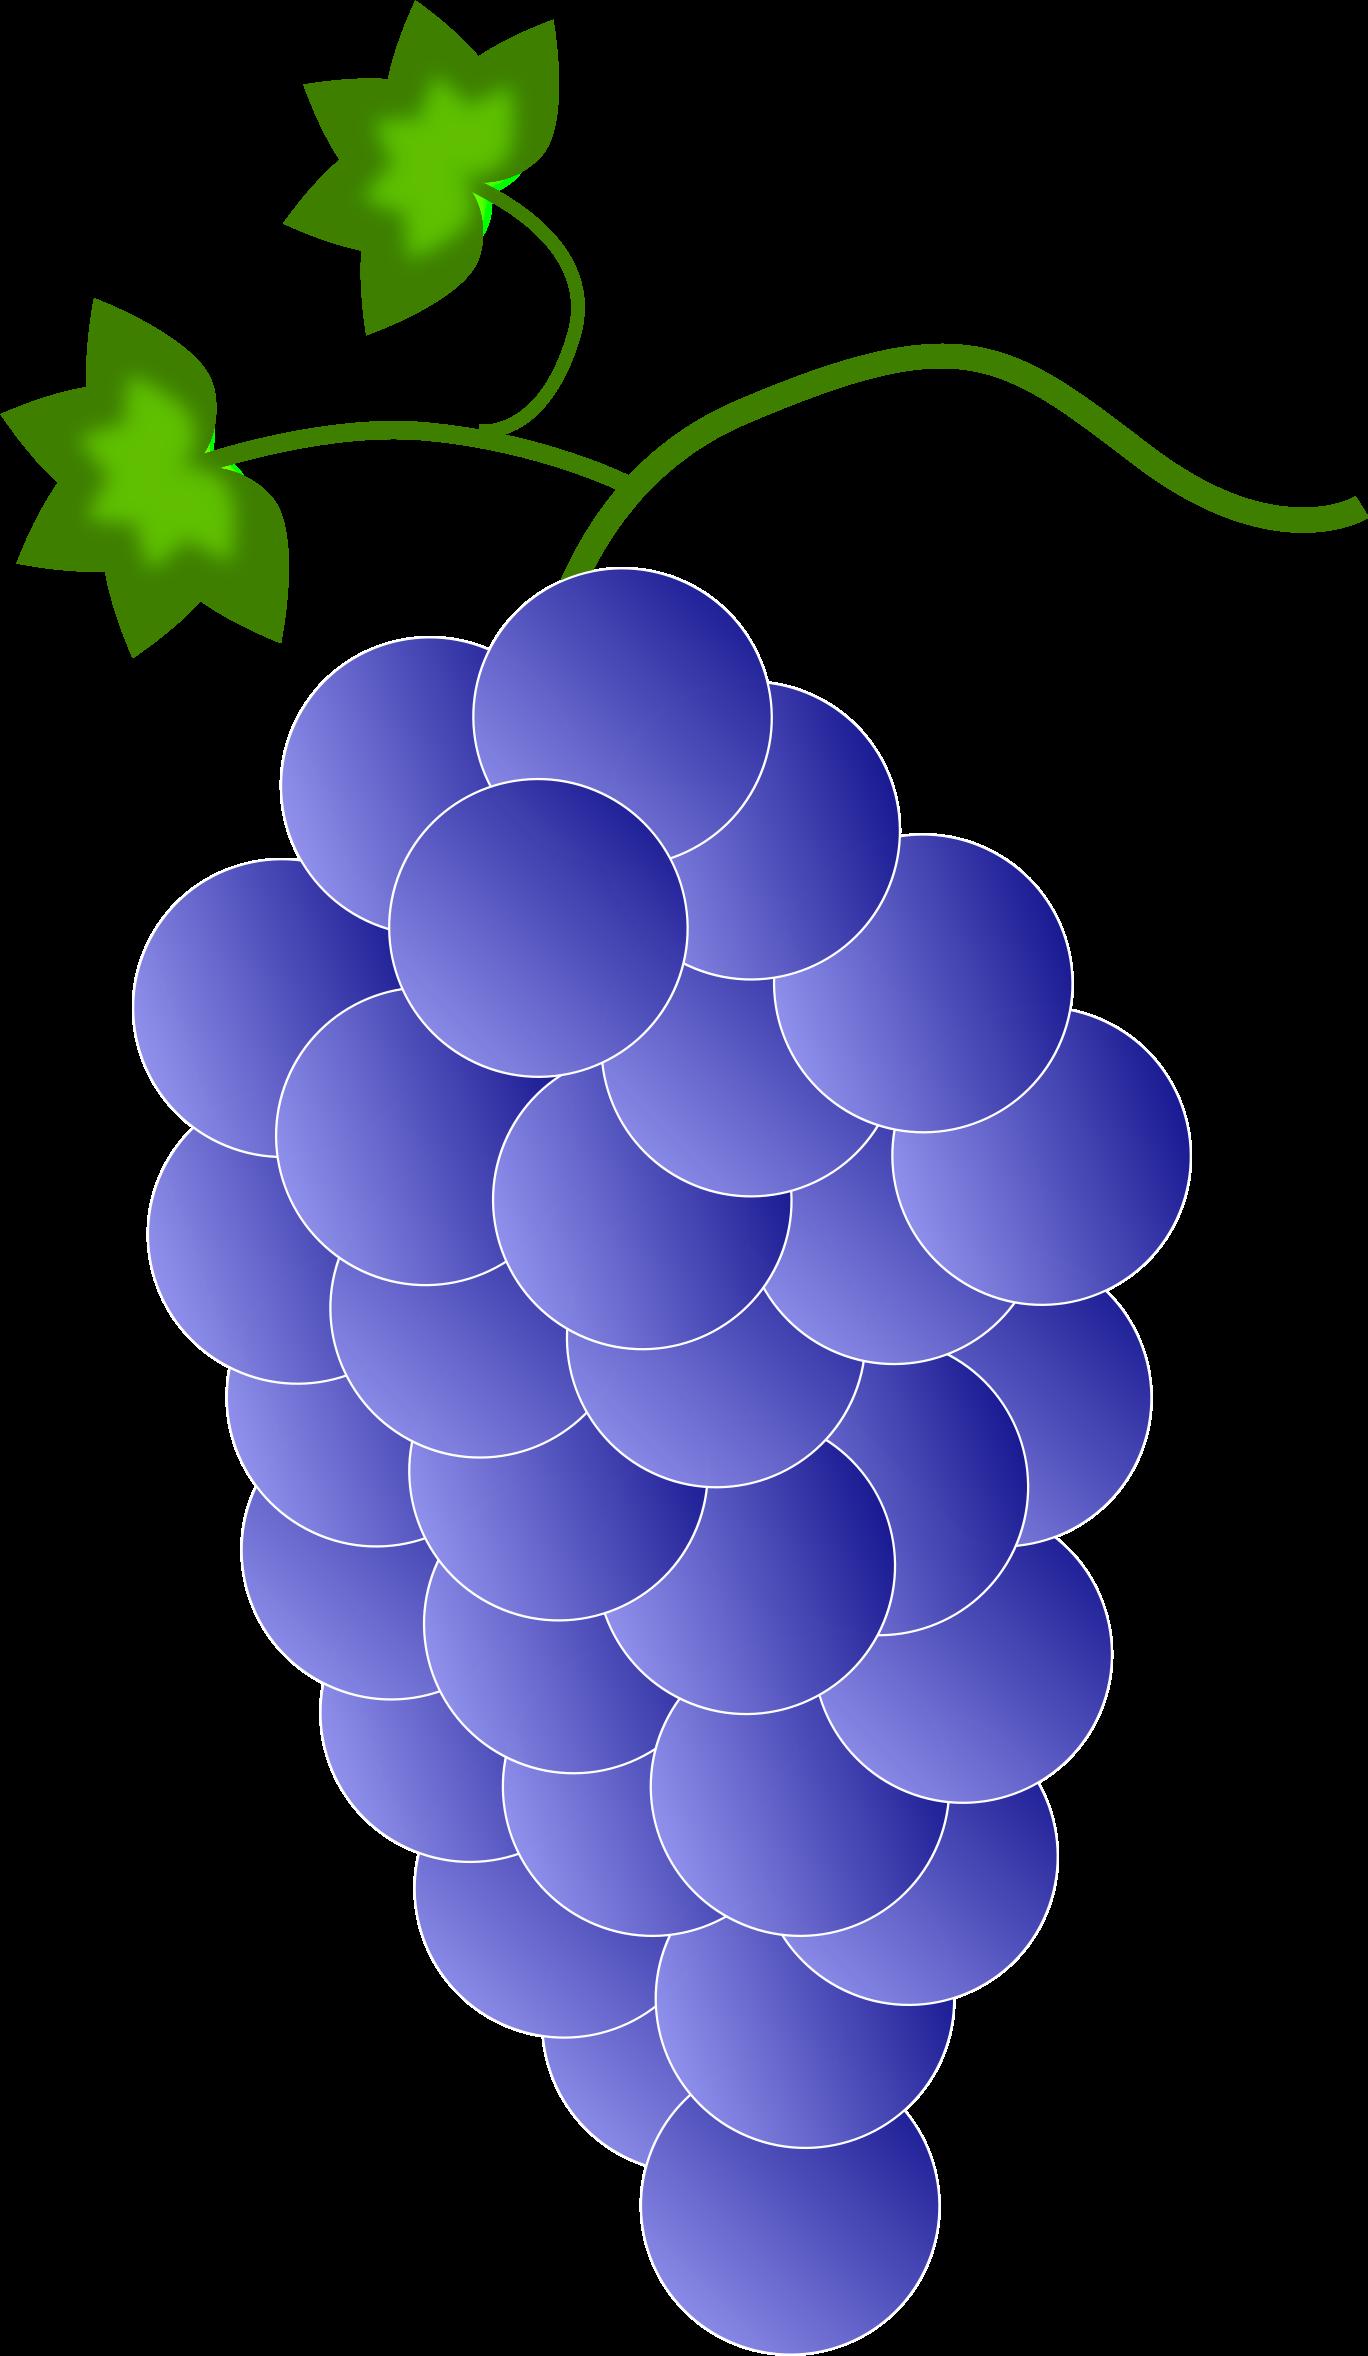 Grapes violet blue big. Clipart fruit colored